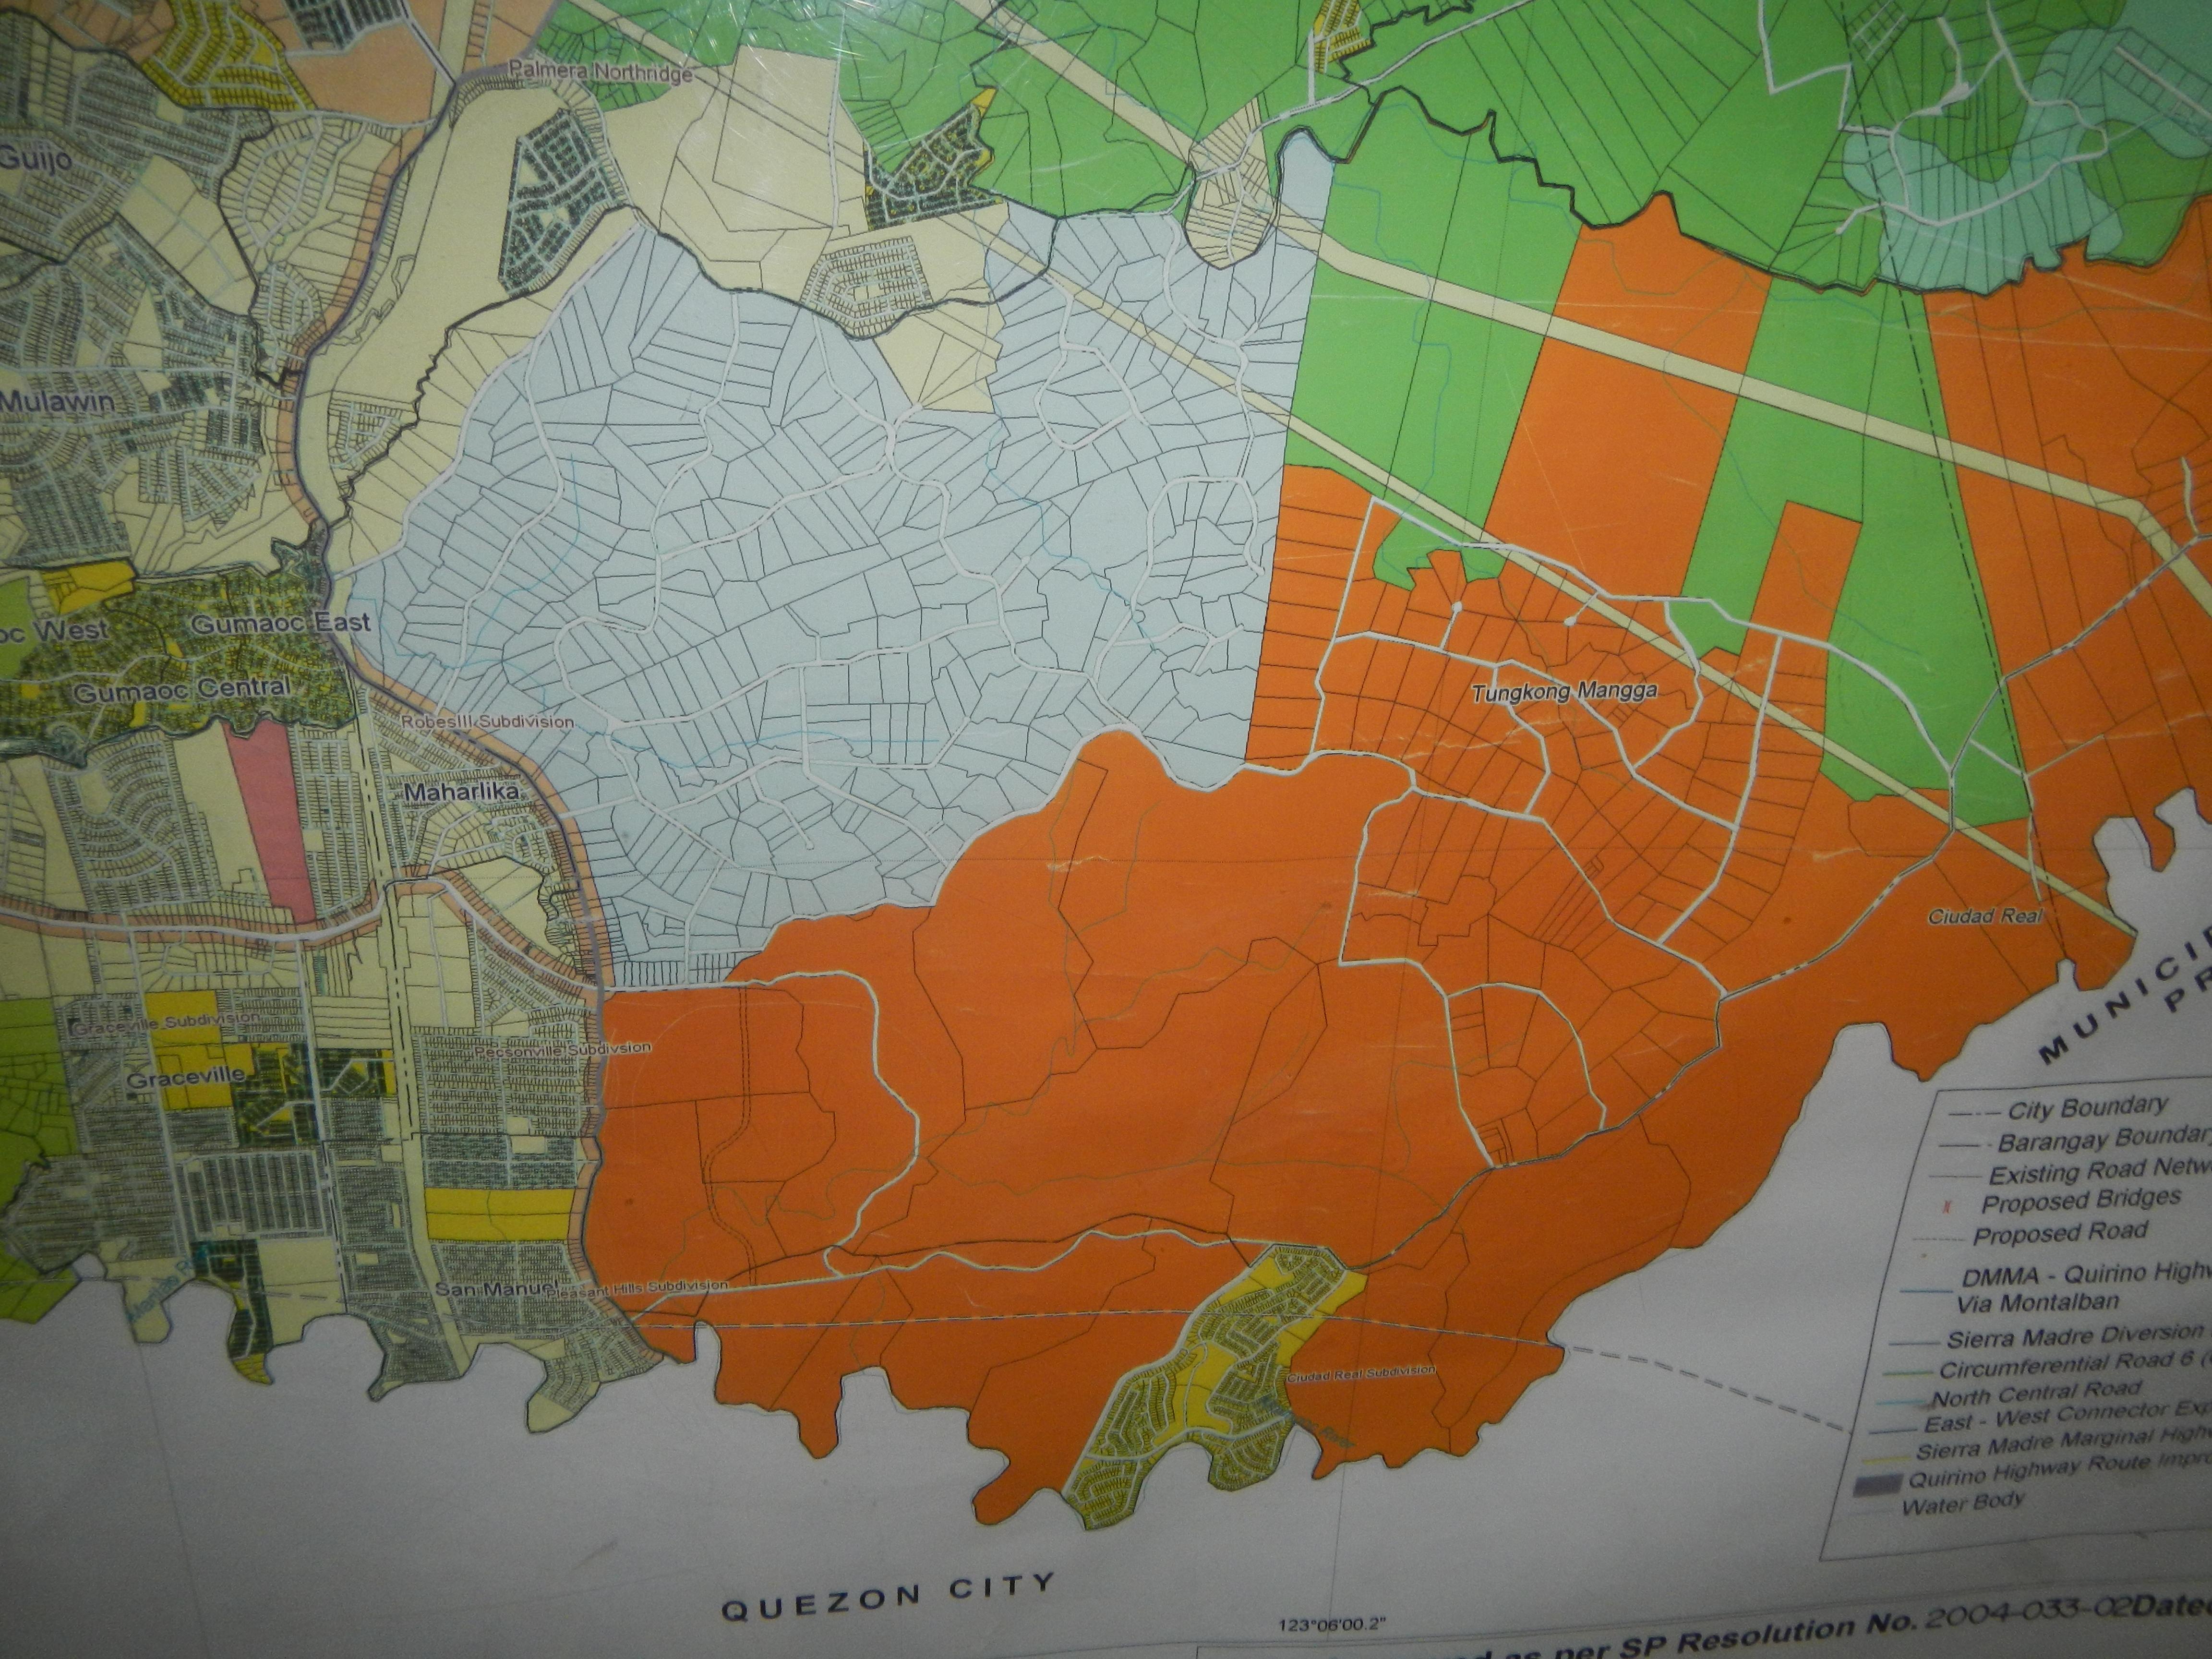 File:6226Maps San Jose del Monte City Bulacanjfvf 10.JPG - Wikimedia ...